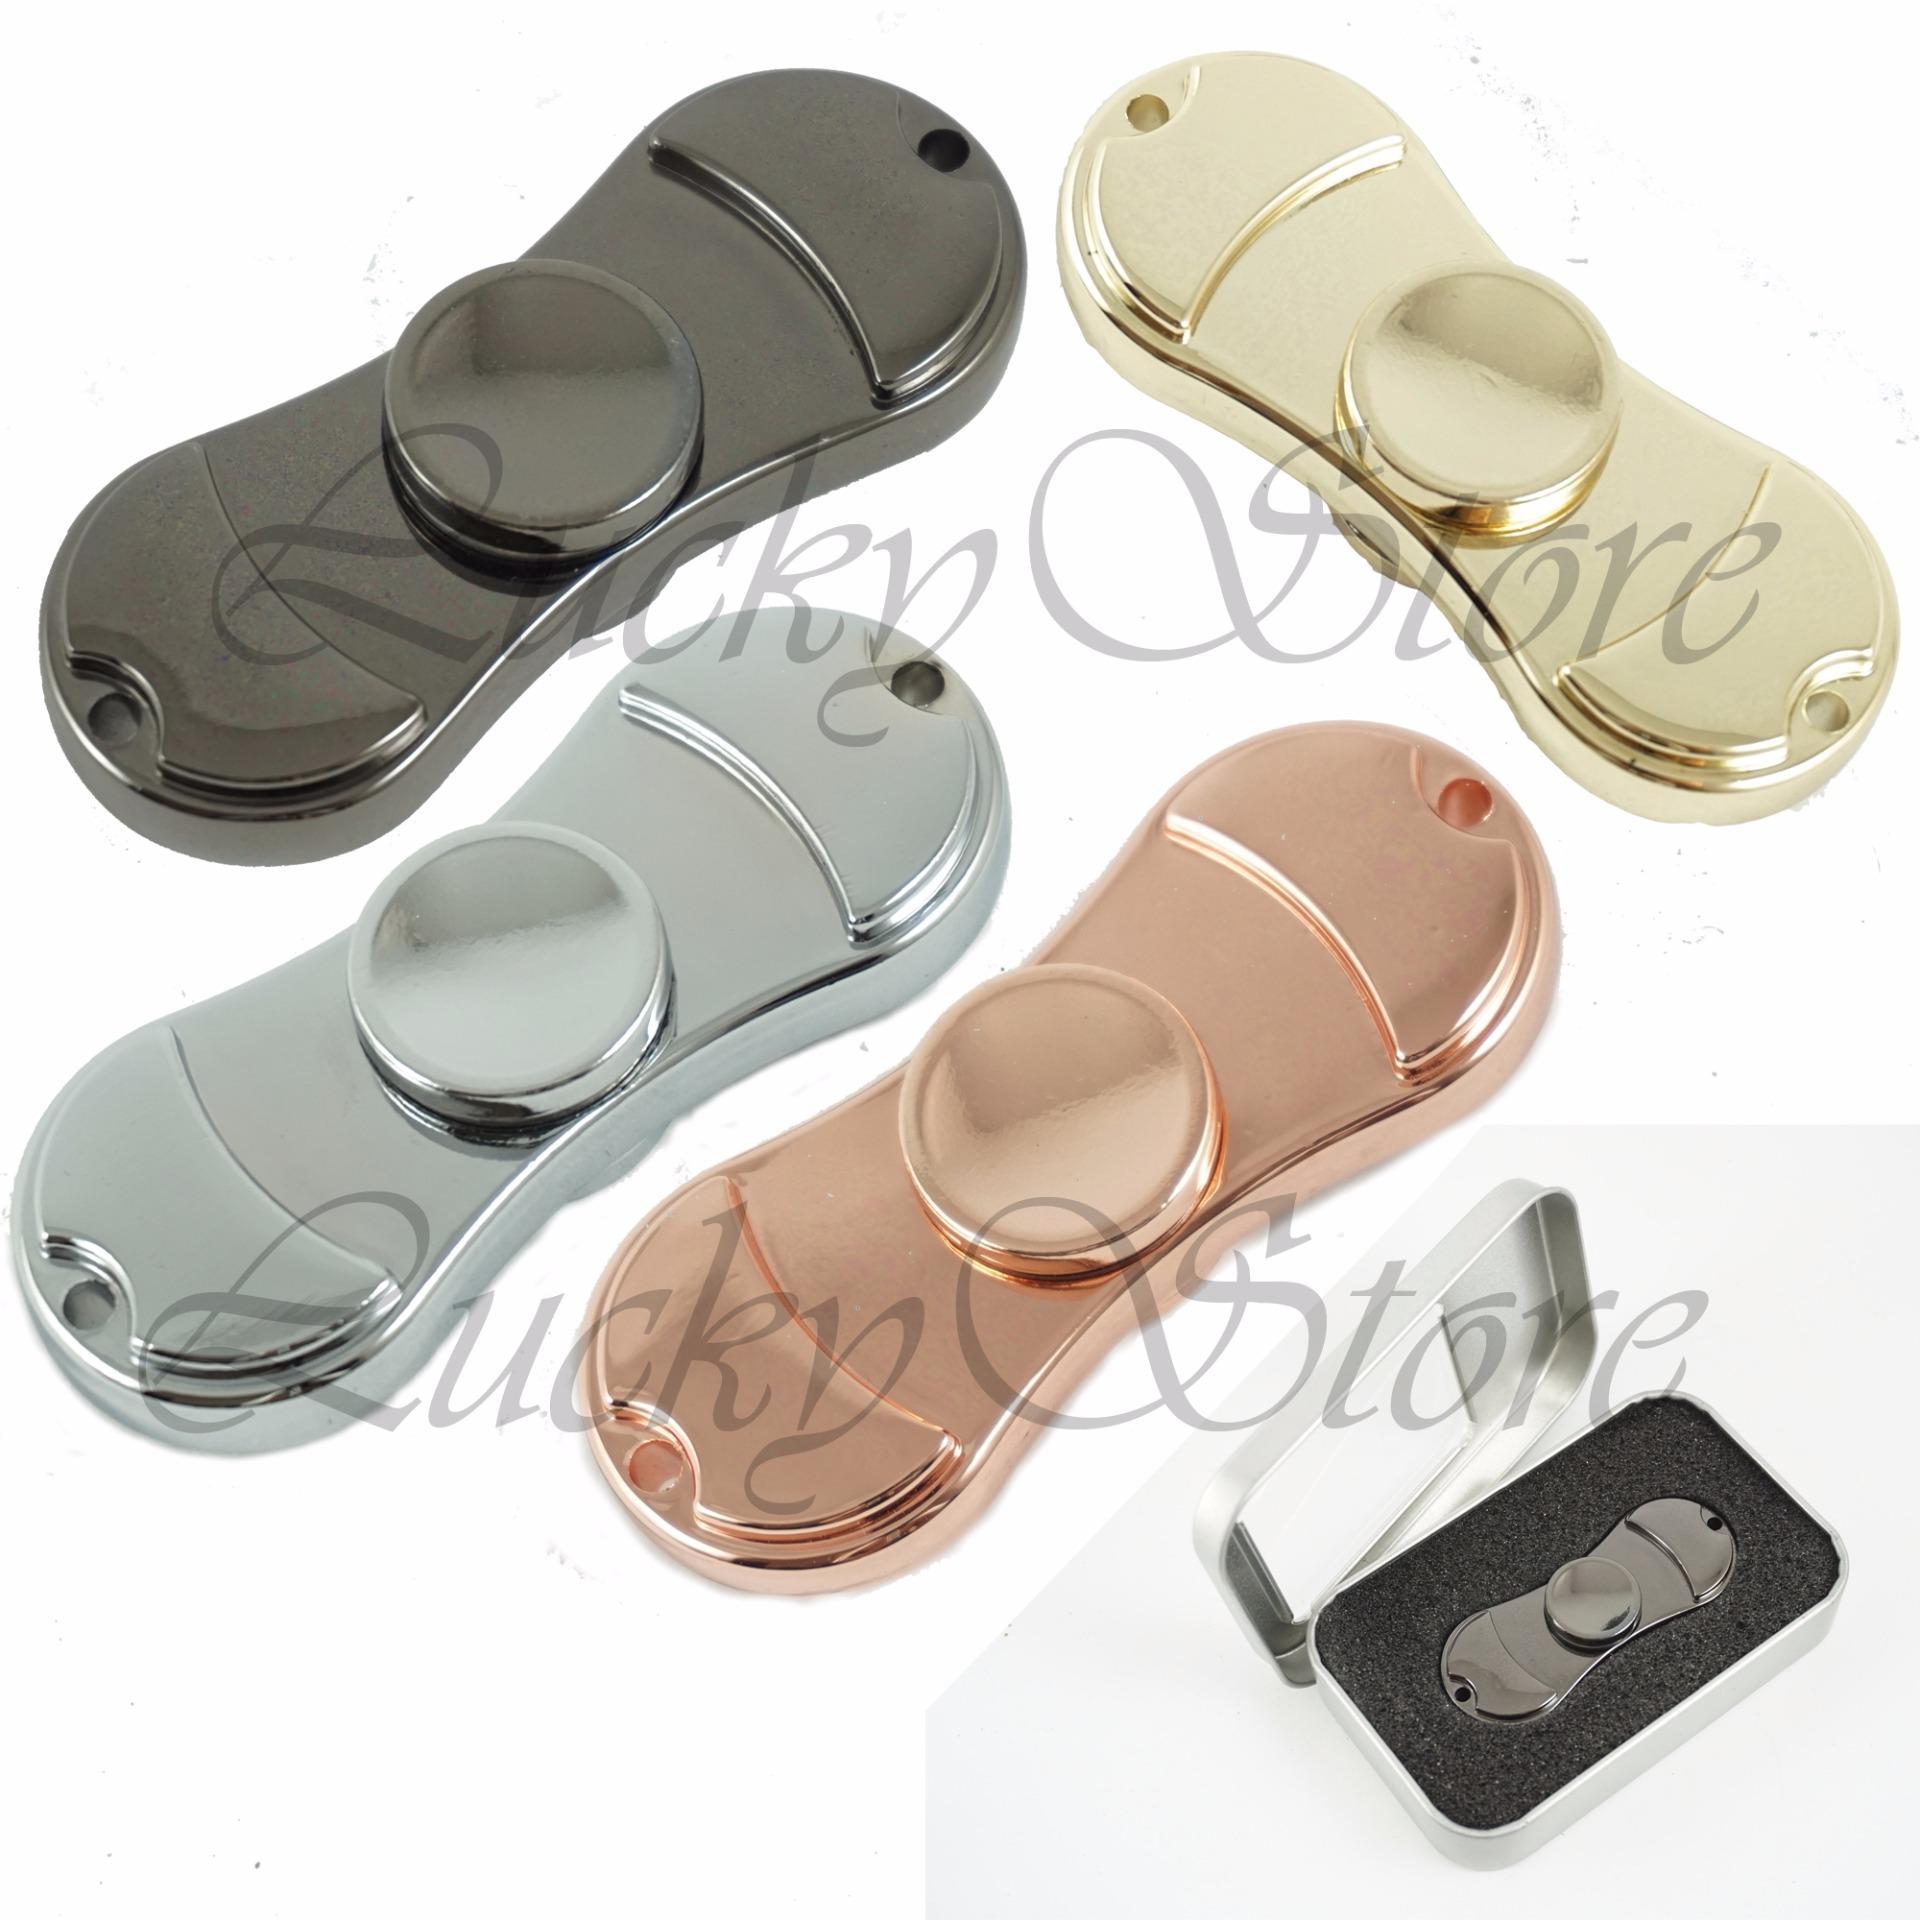 Lucky - METALIC Ceramic Hybrid Fidget Spinner Hand Spinner Hand Toys Focus Games / Mainan Spinner